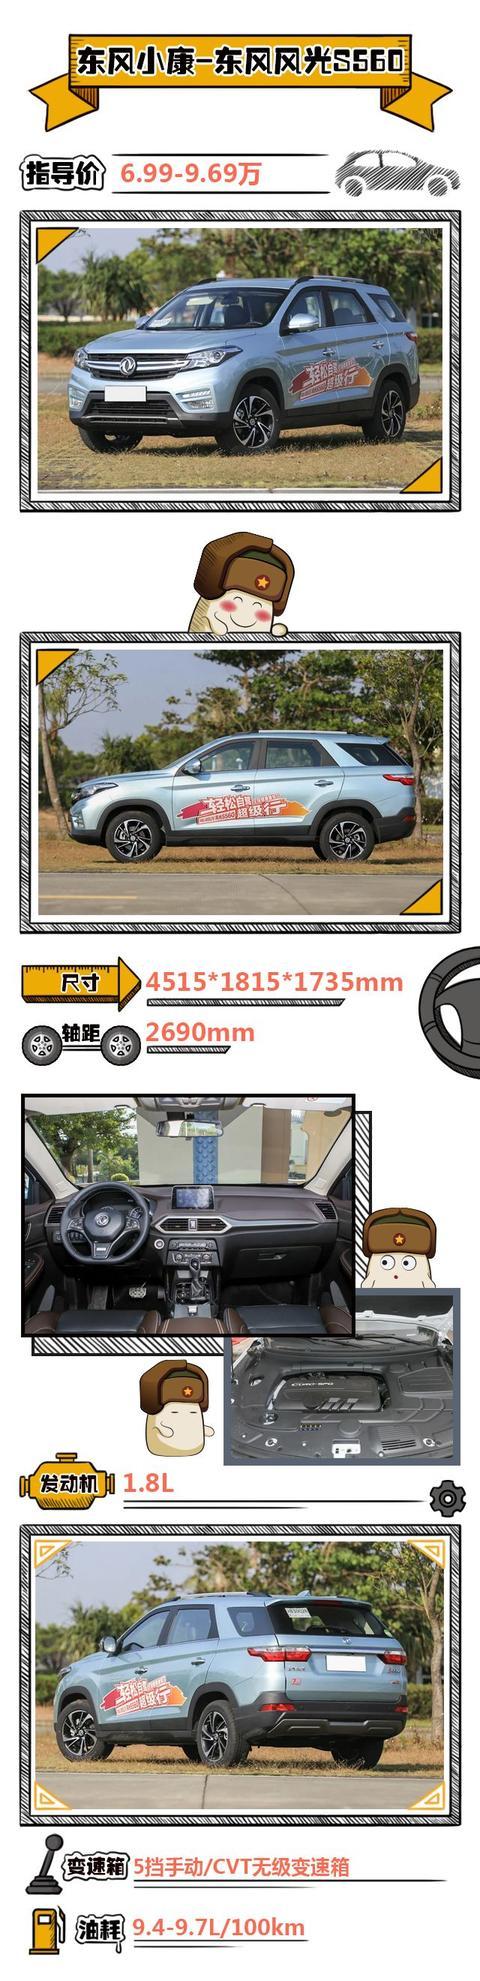 10万左右的预算,这些大空间+高配置SUV就可考虑顶配!